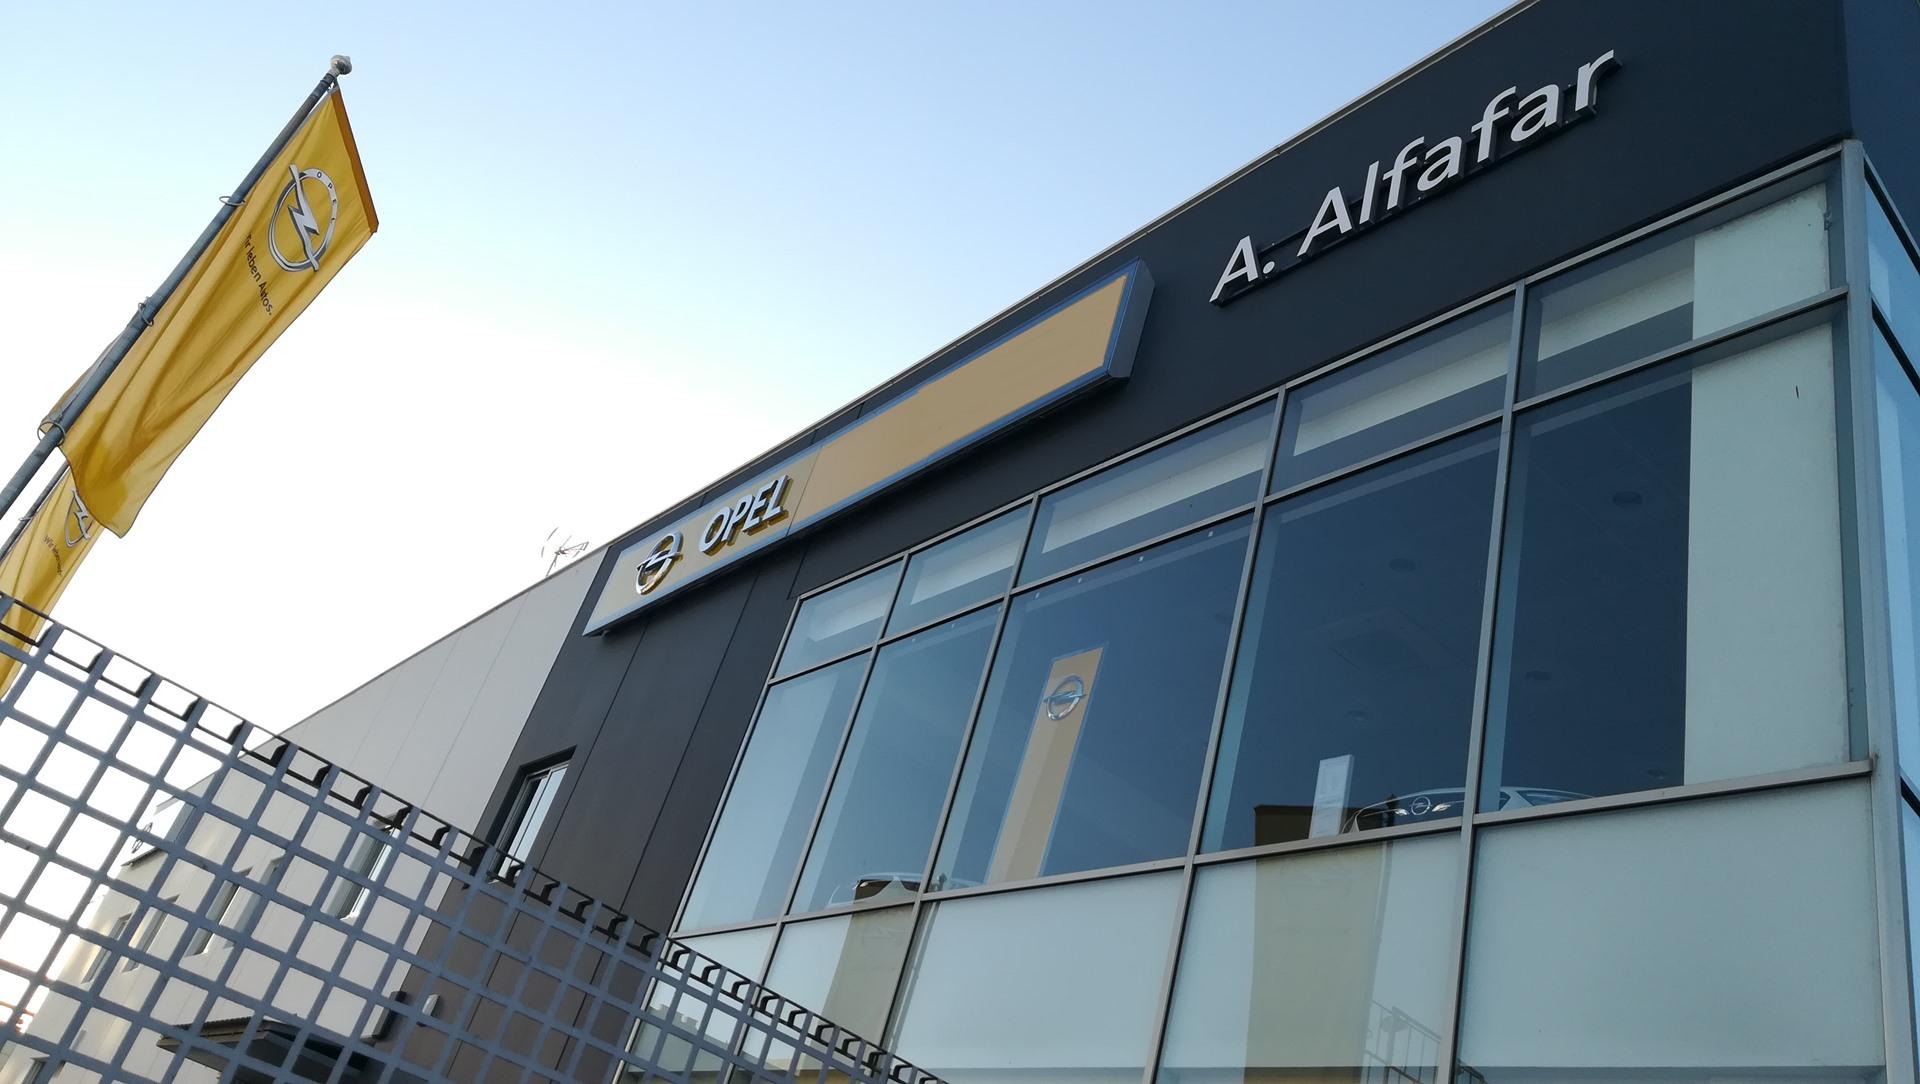 fachada nueva Opel Automoviles Alfafar